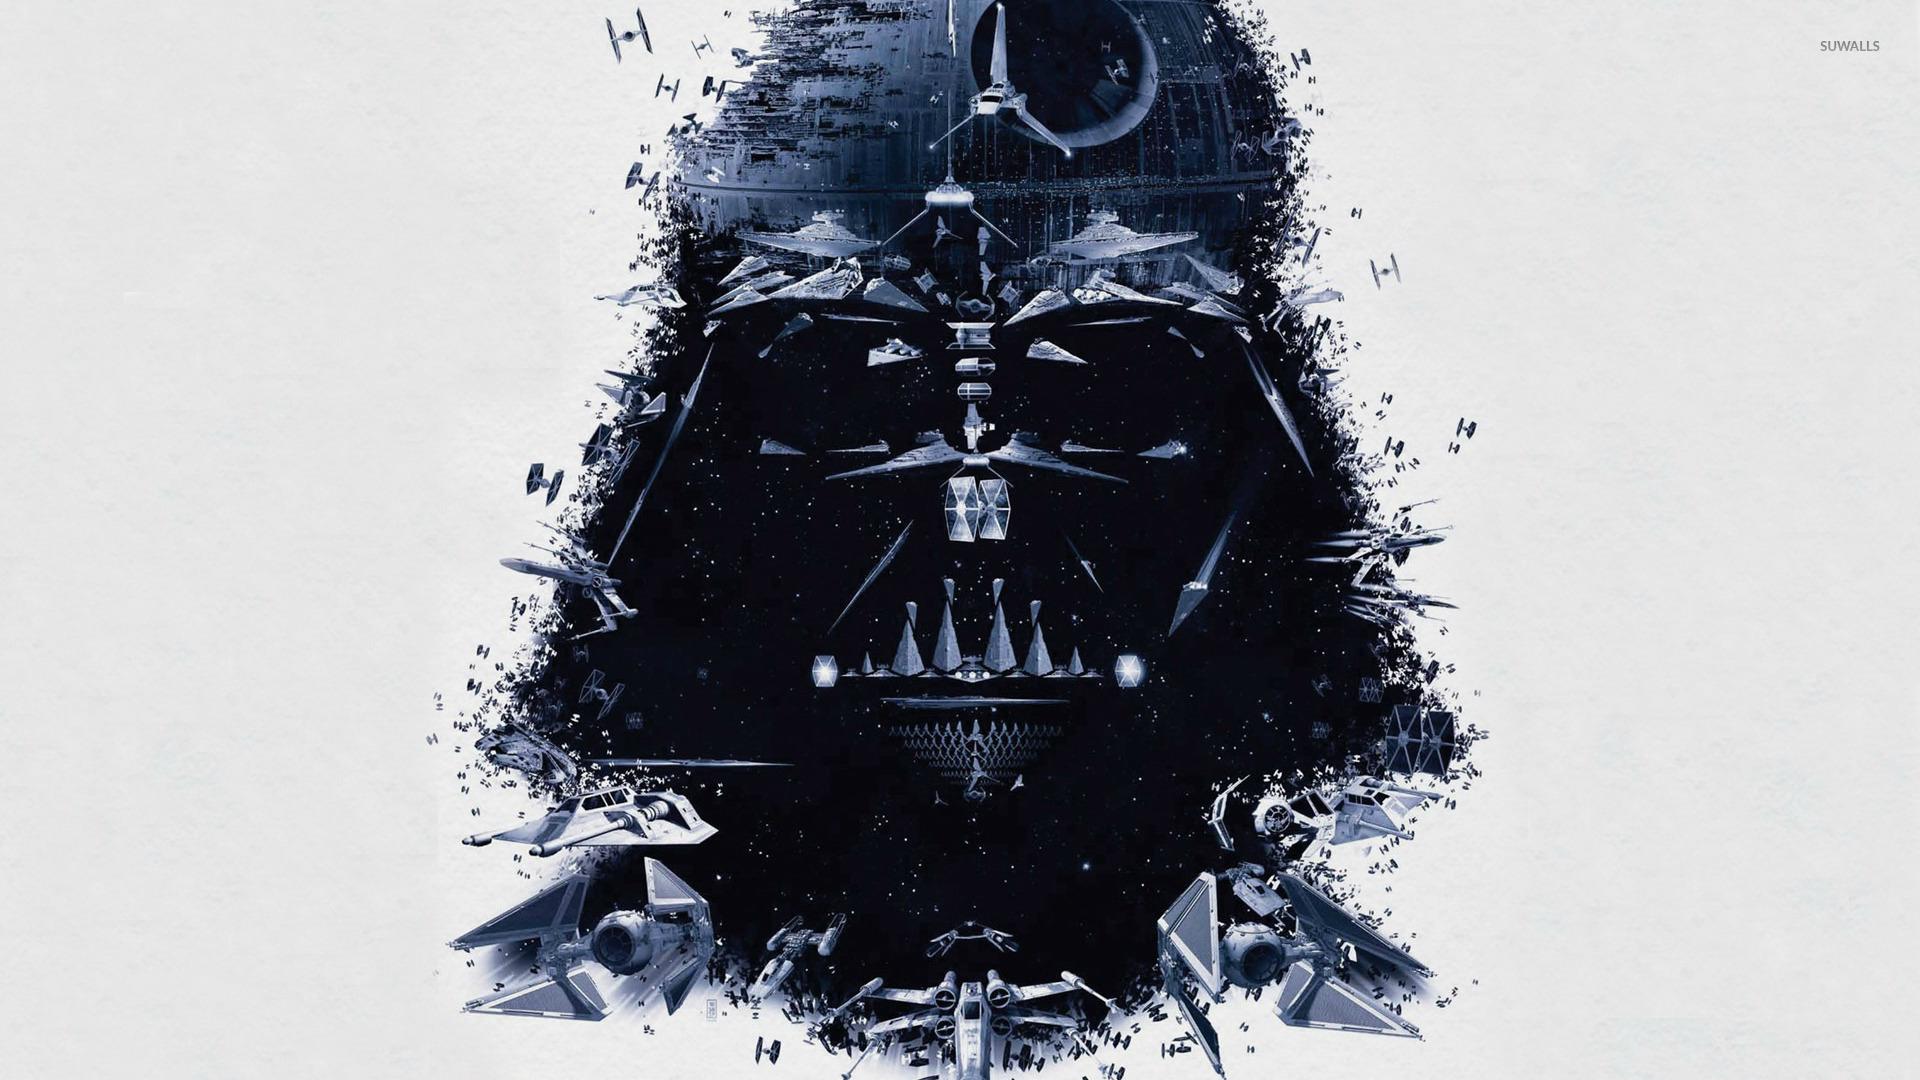 Darth Vader wallpaper   727822 1920x1080